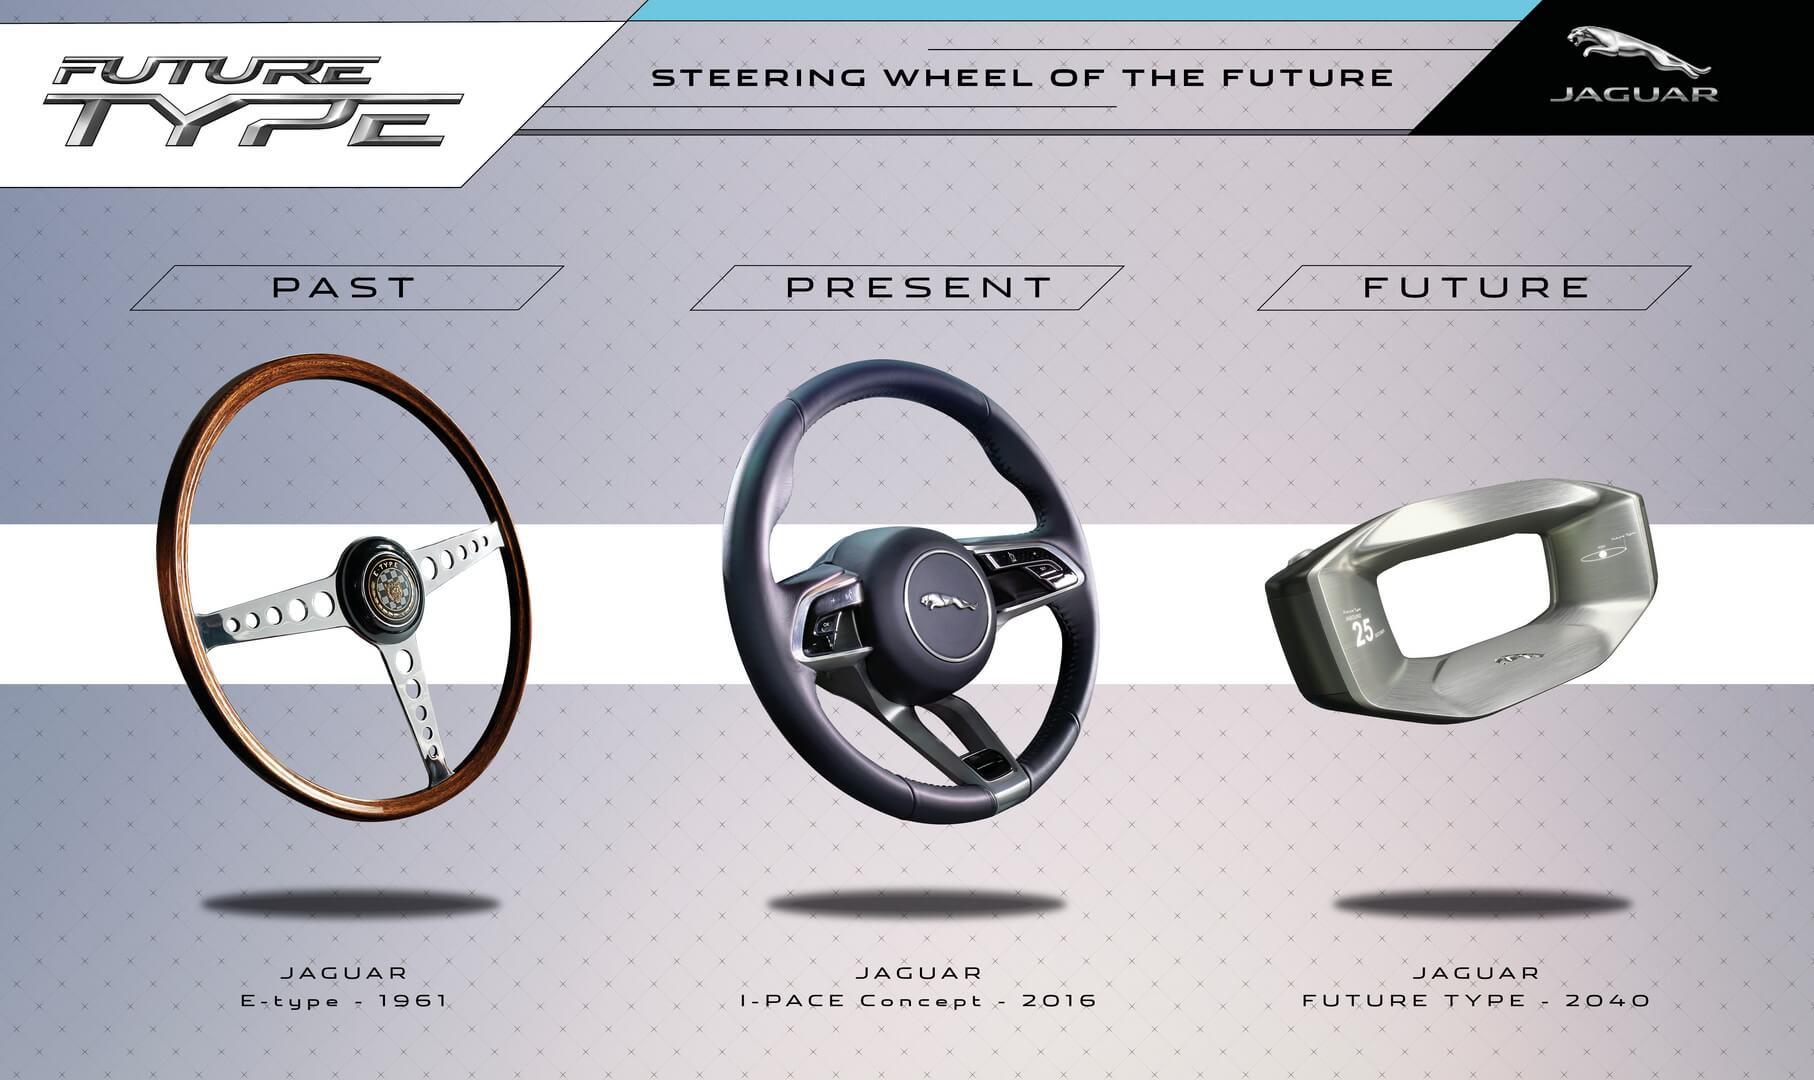 Эволюция рулевого колеса в Jaguar